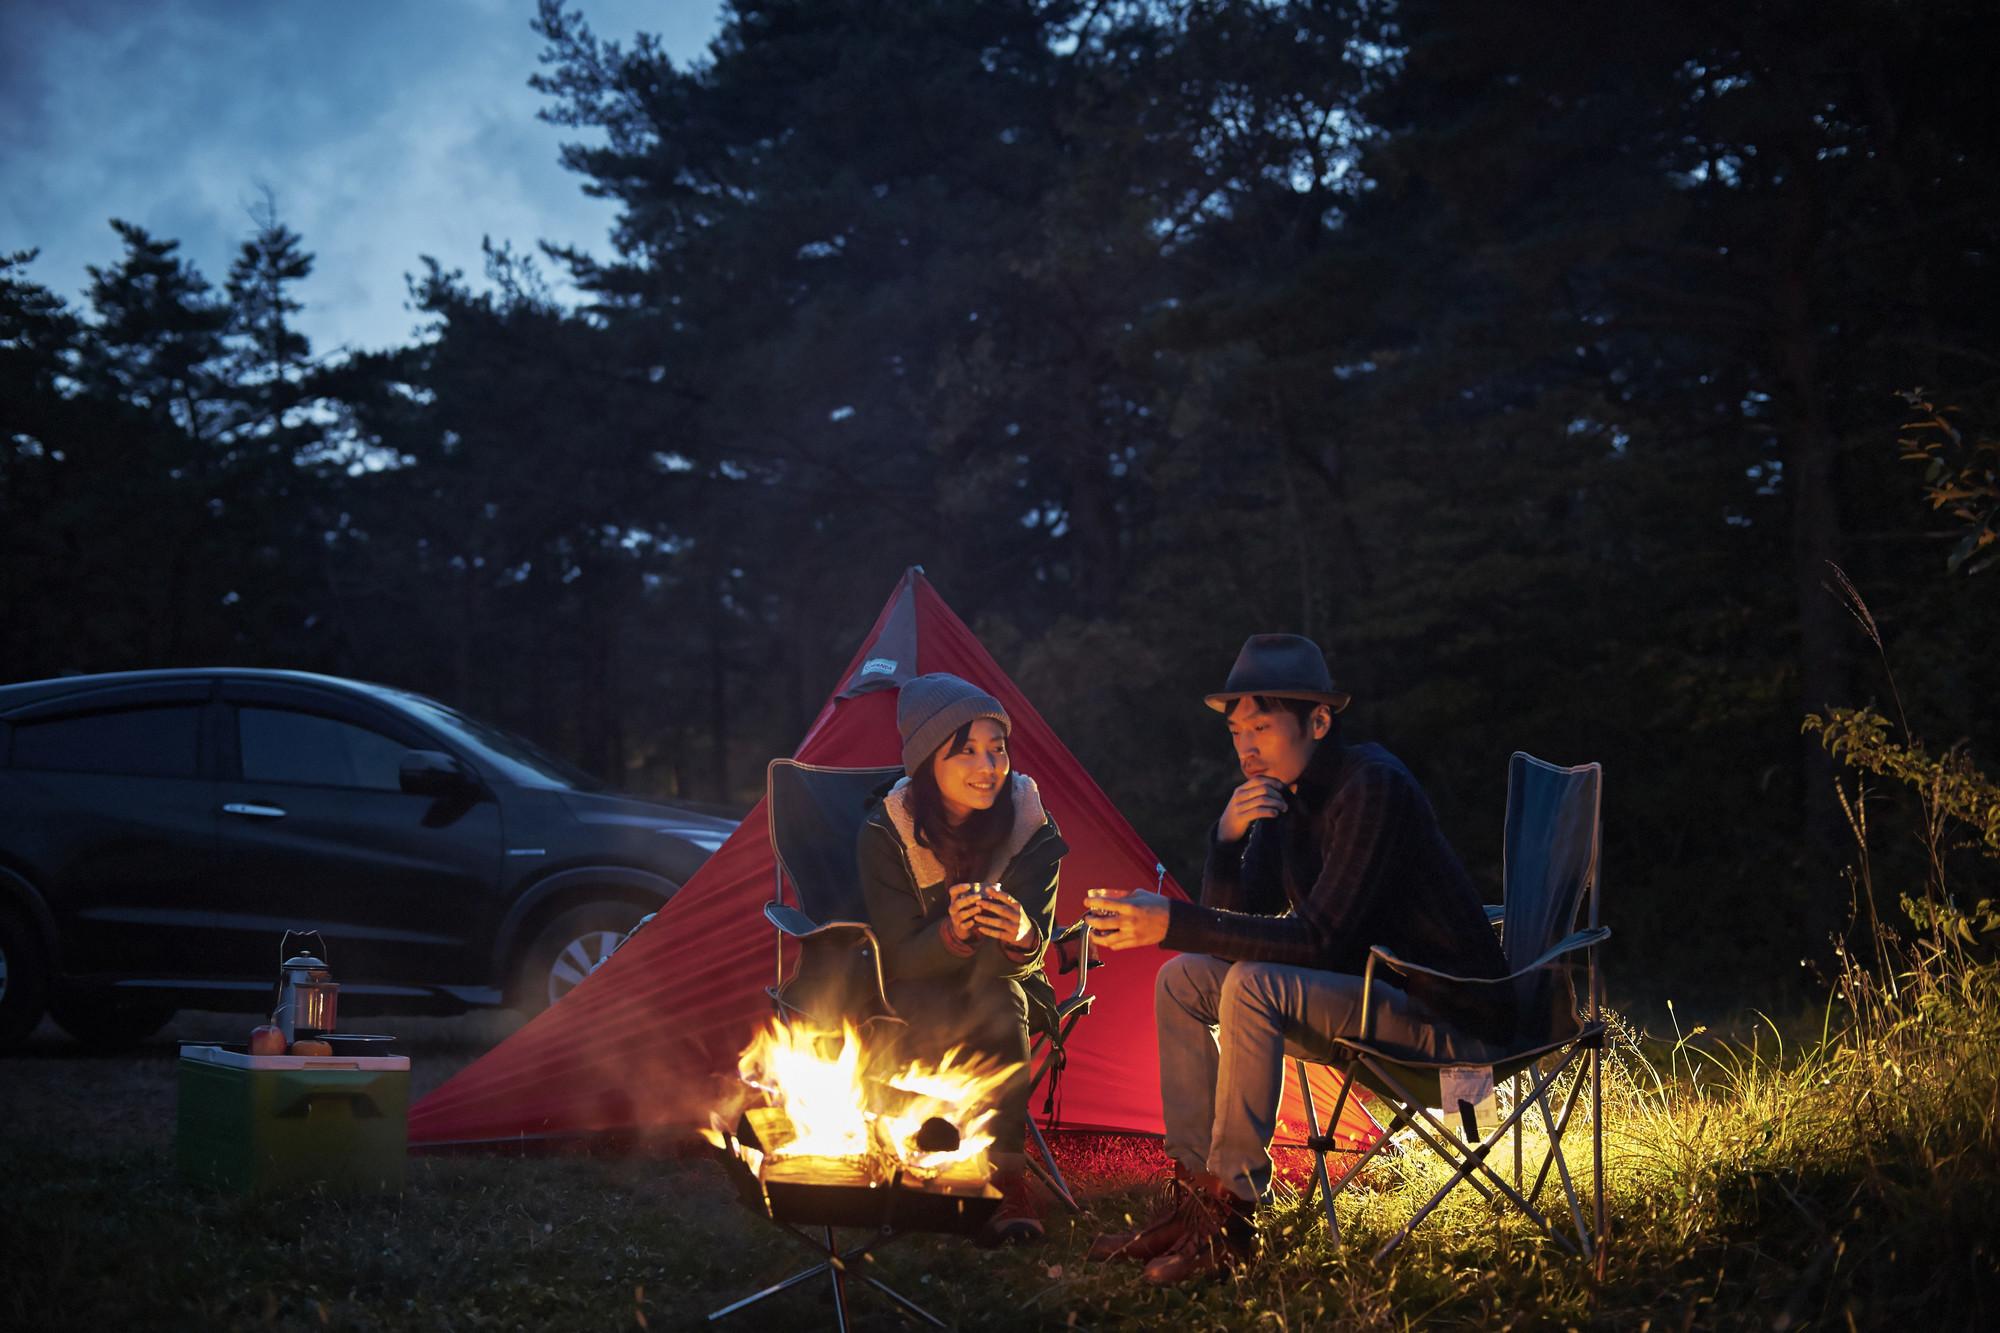 焚き火の前で話すカップルイメージ